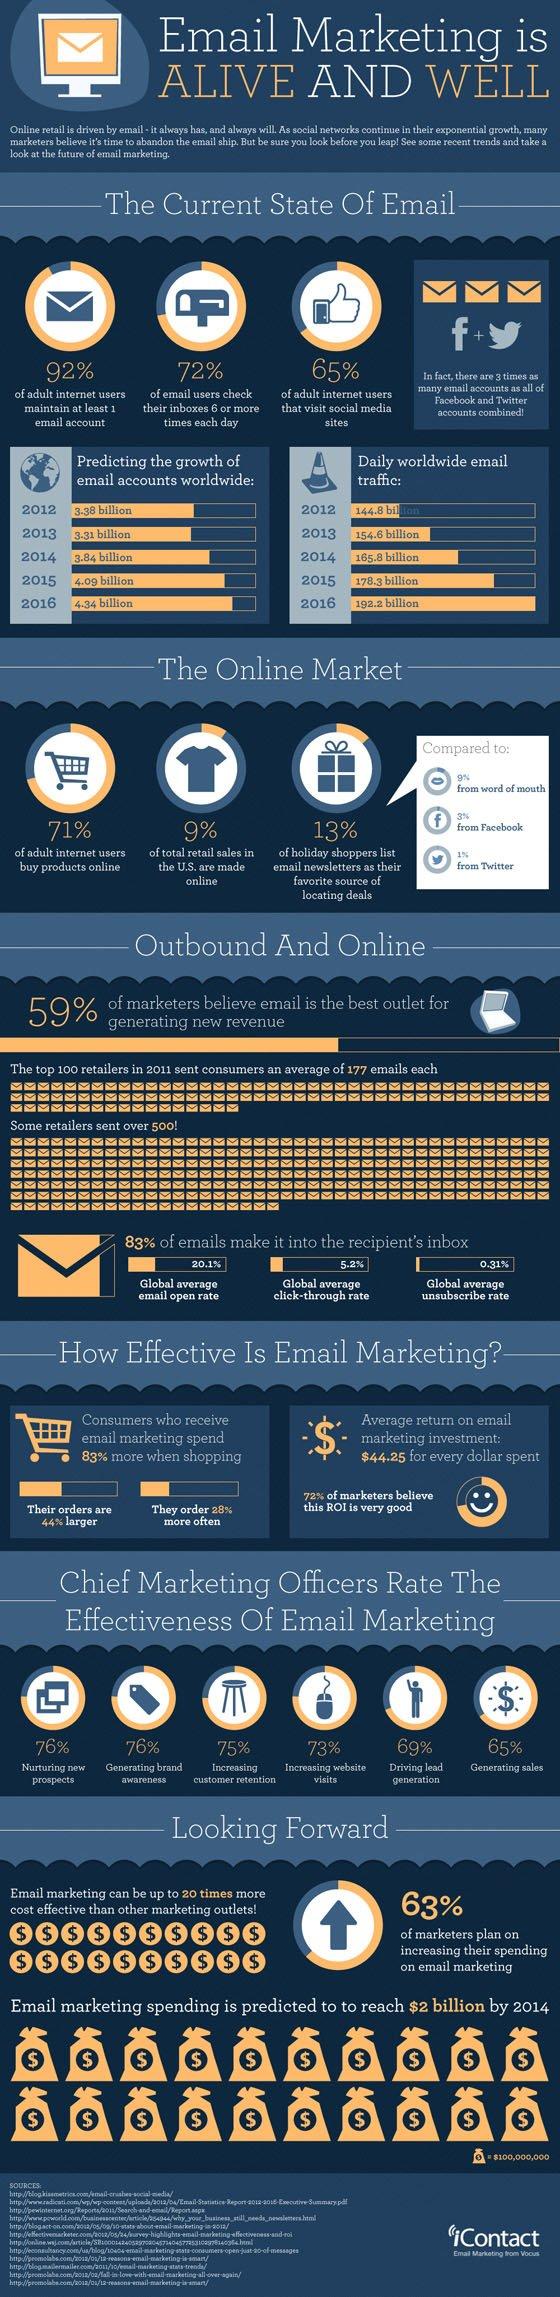 neden-e-mail-marketing E-posta Pazarlaması Yapmak İçin 5 Sebep [İnfografik] E-posta Pazarlaması Yapmak İçin 5 Sebep İnfografik neden e mail marketing